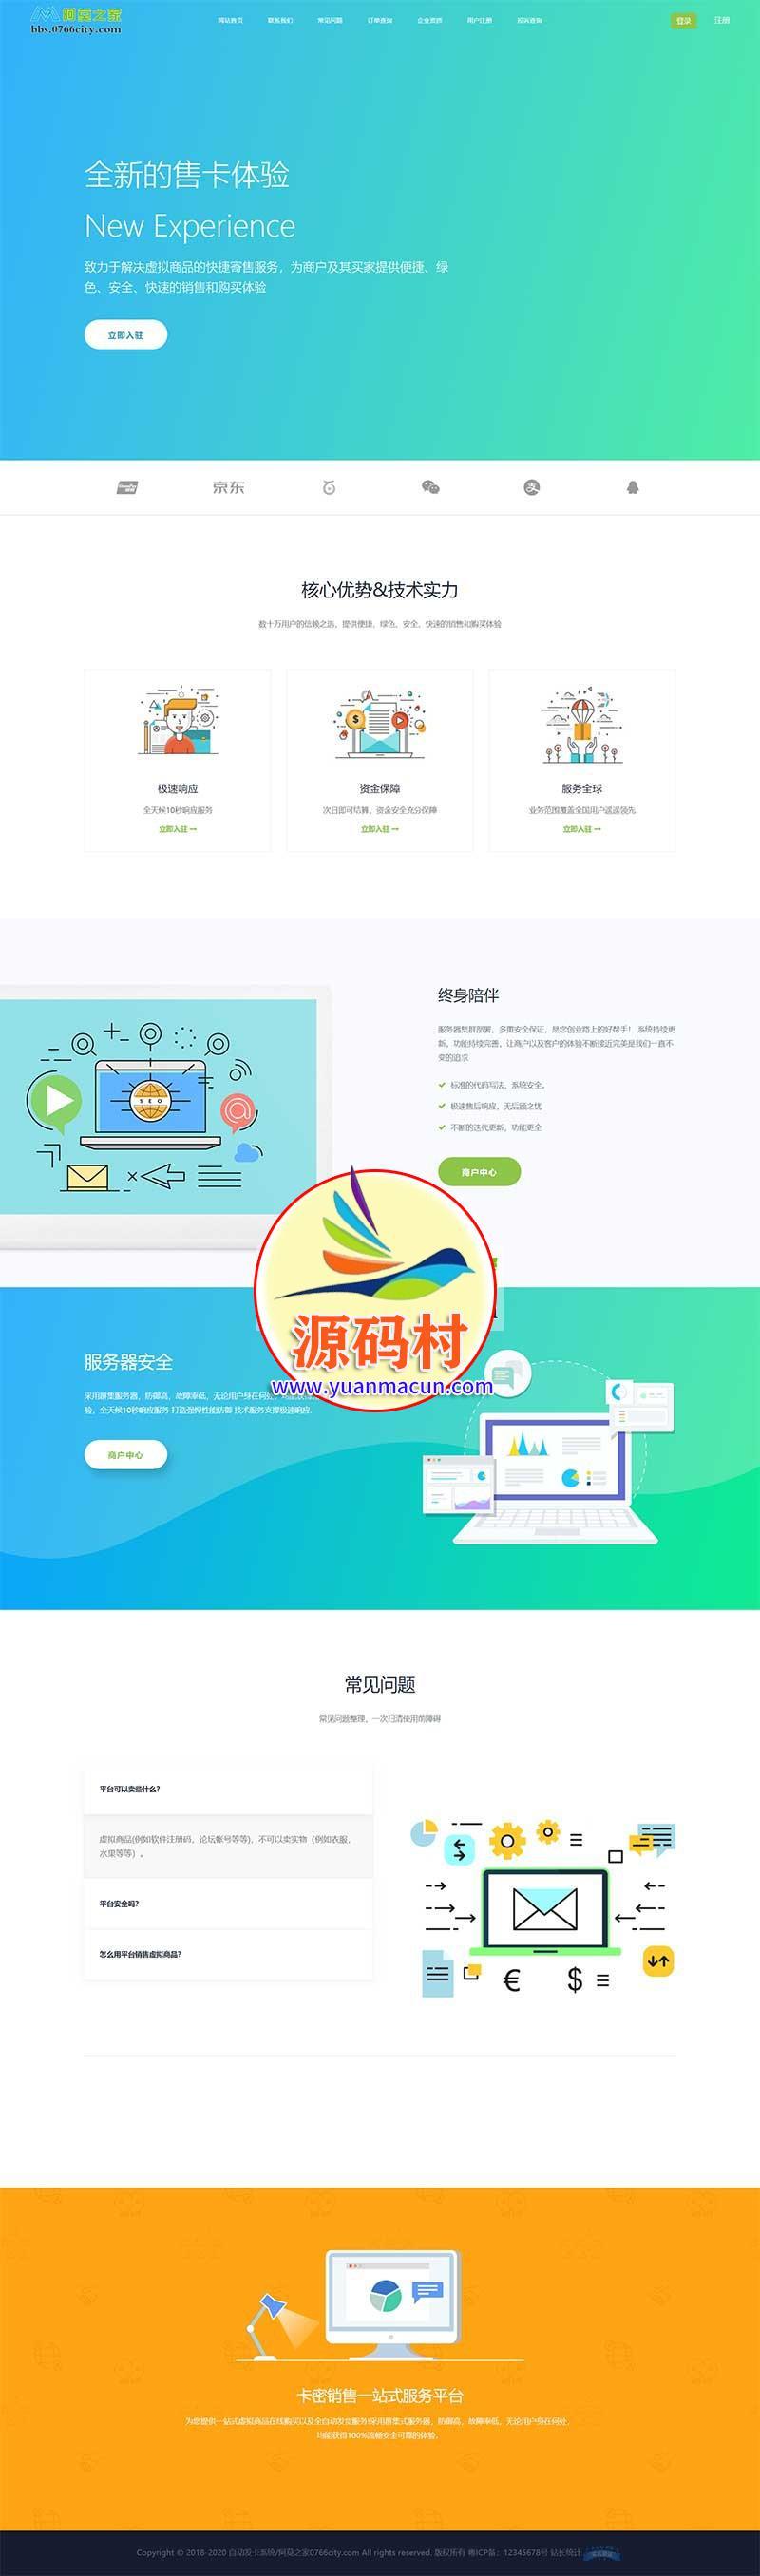 知宇发卡系统企业版 发卡网平台源码 无需授权 对接易支付接口版